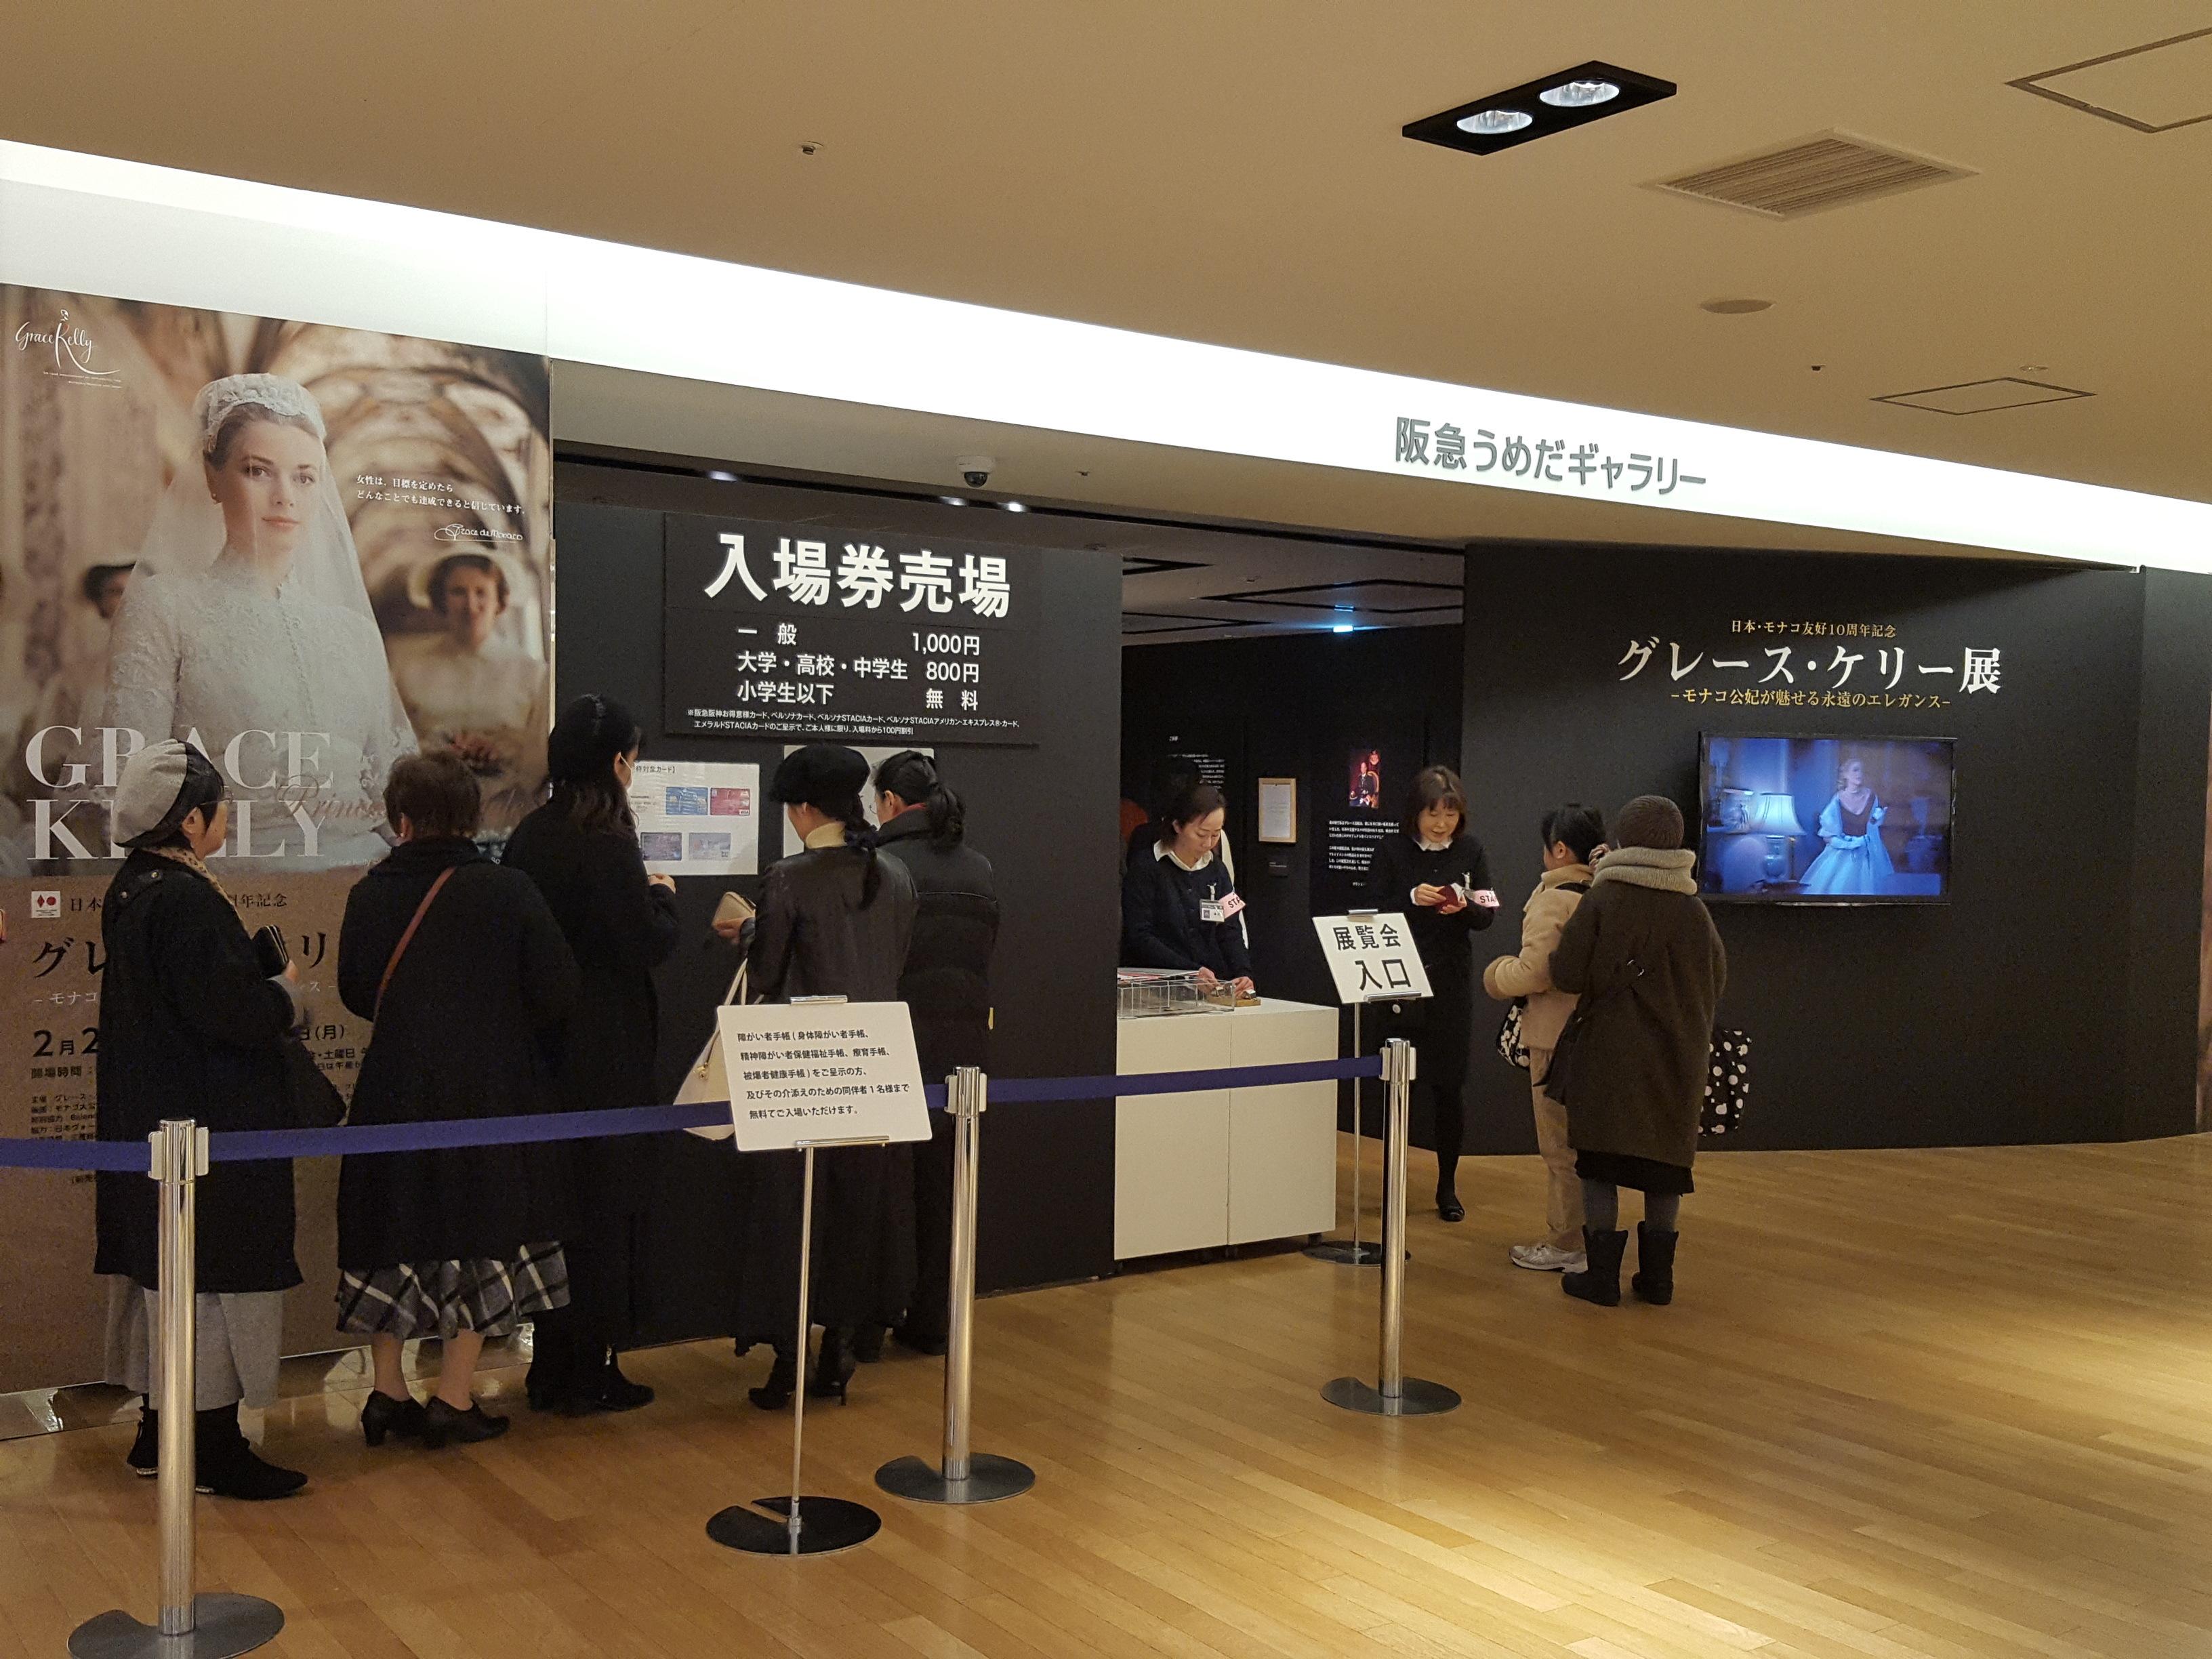 6660c0f552529 日本・モナコ友好10周年記念イベント『グレース・ケリー展』が阪急うめだ ...